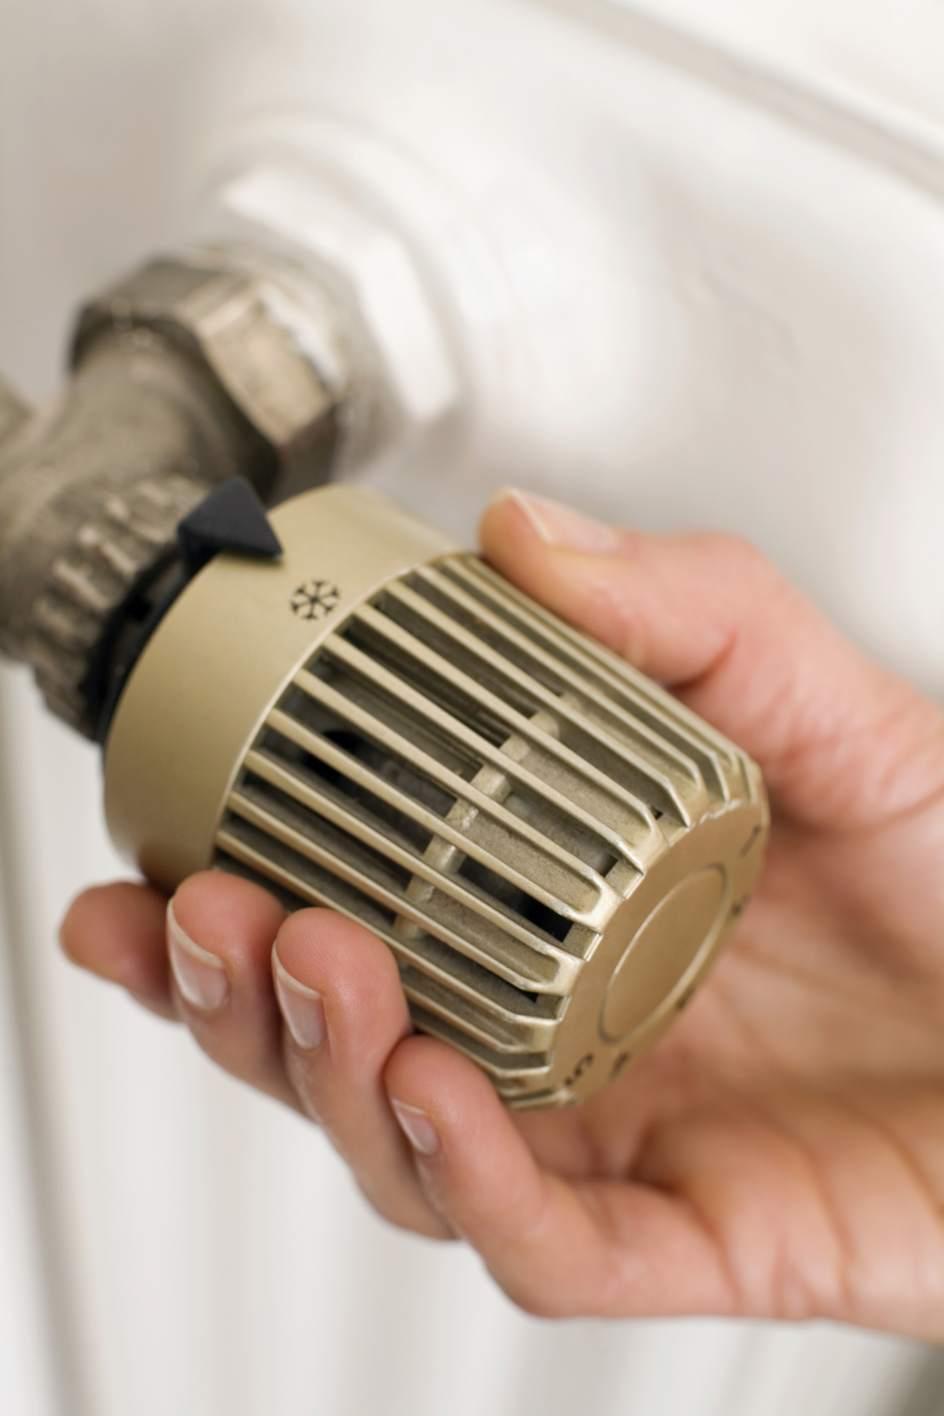 Toca encender la calefacci n consejos para ahorrar en la - Ahorro calefaccion gas ...